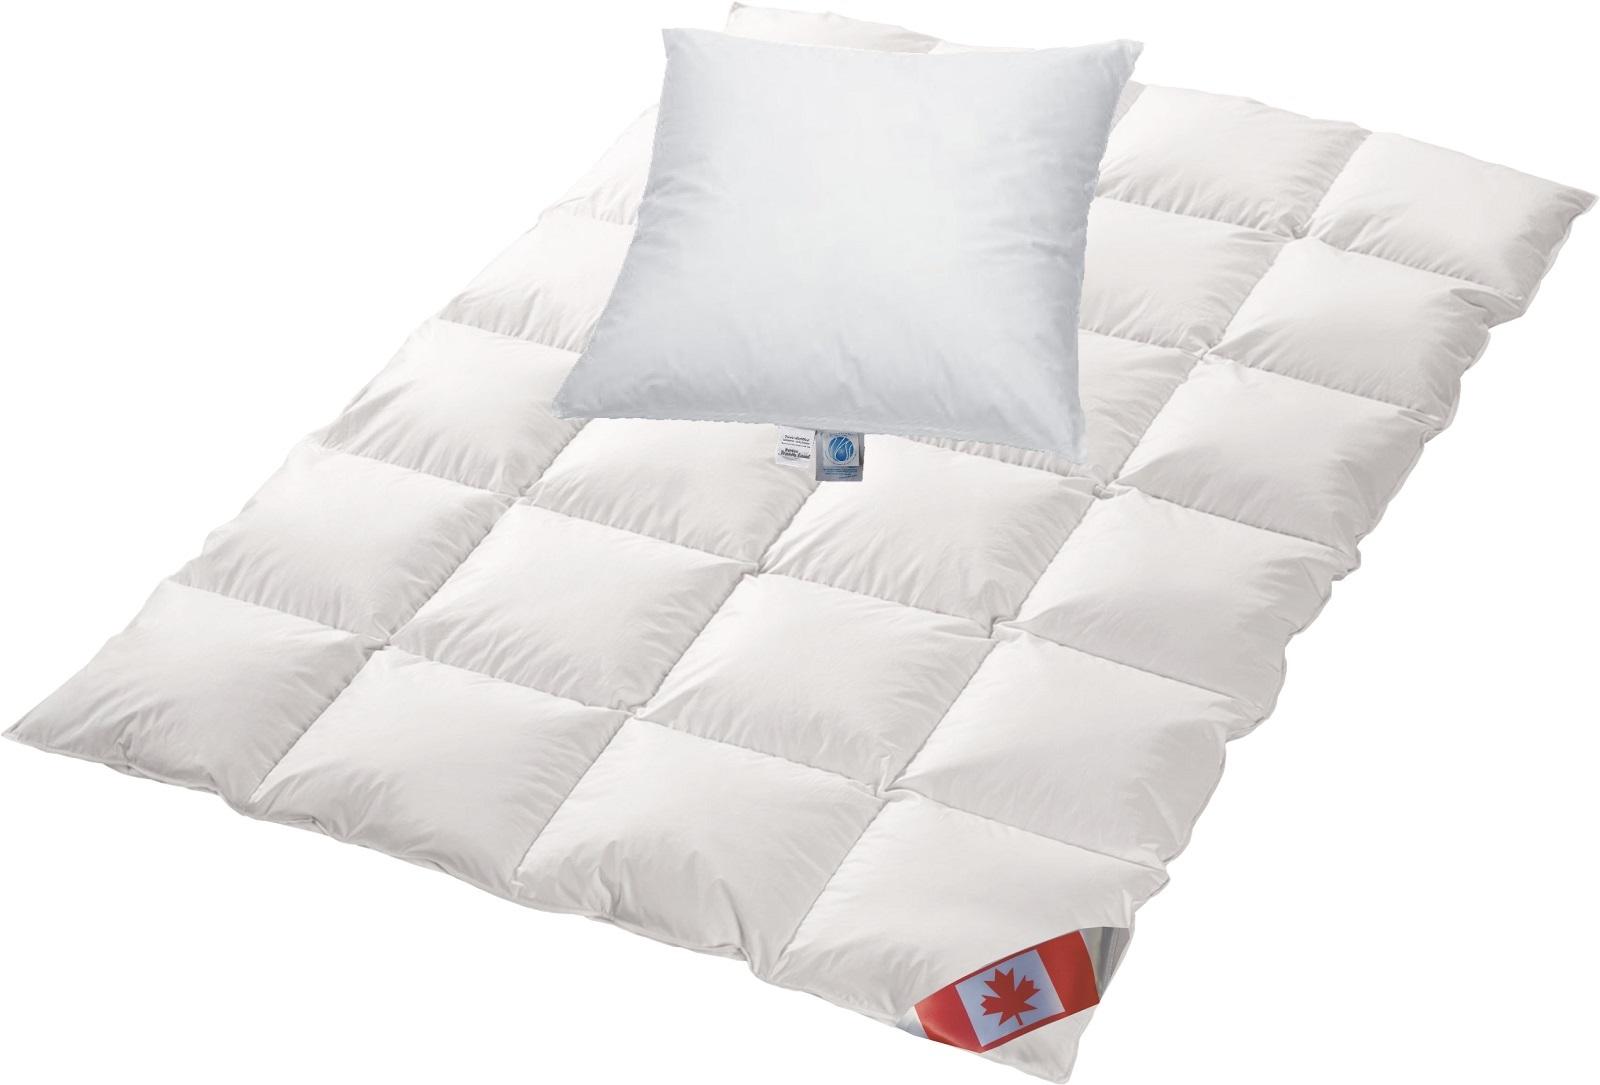 Angebot Set Canada warme Winterdecke 135x200 cm C4 100% Daunen und Basic Kissen 80x80 cm